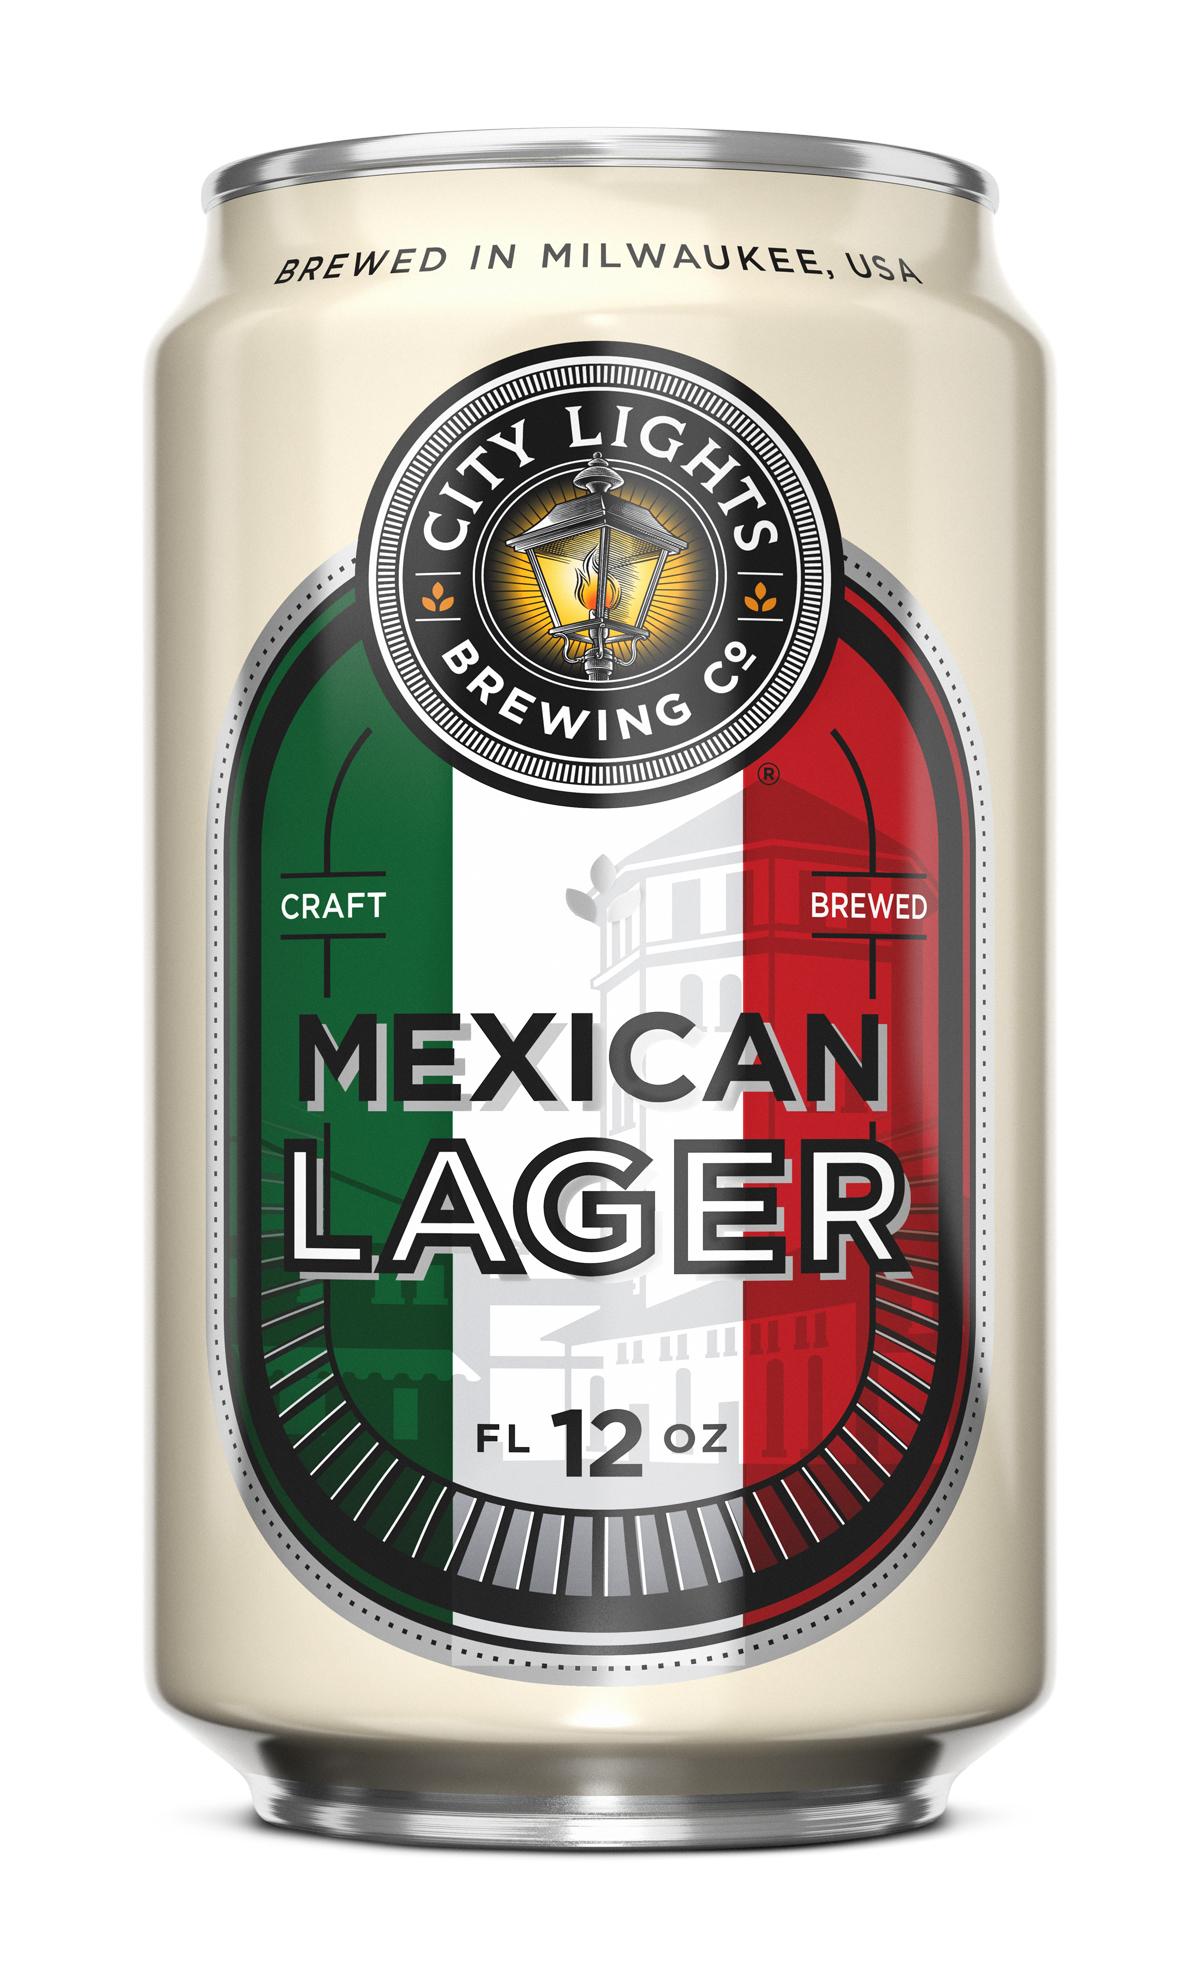 Mexican_Lager_white bg-web.jpg